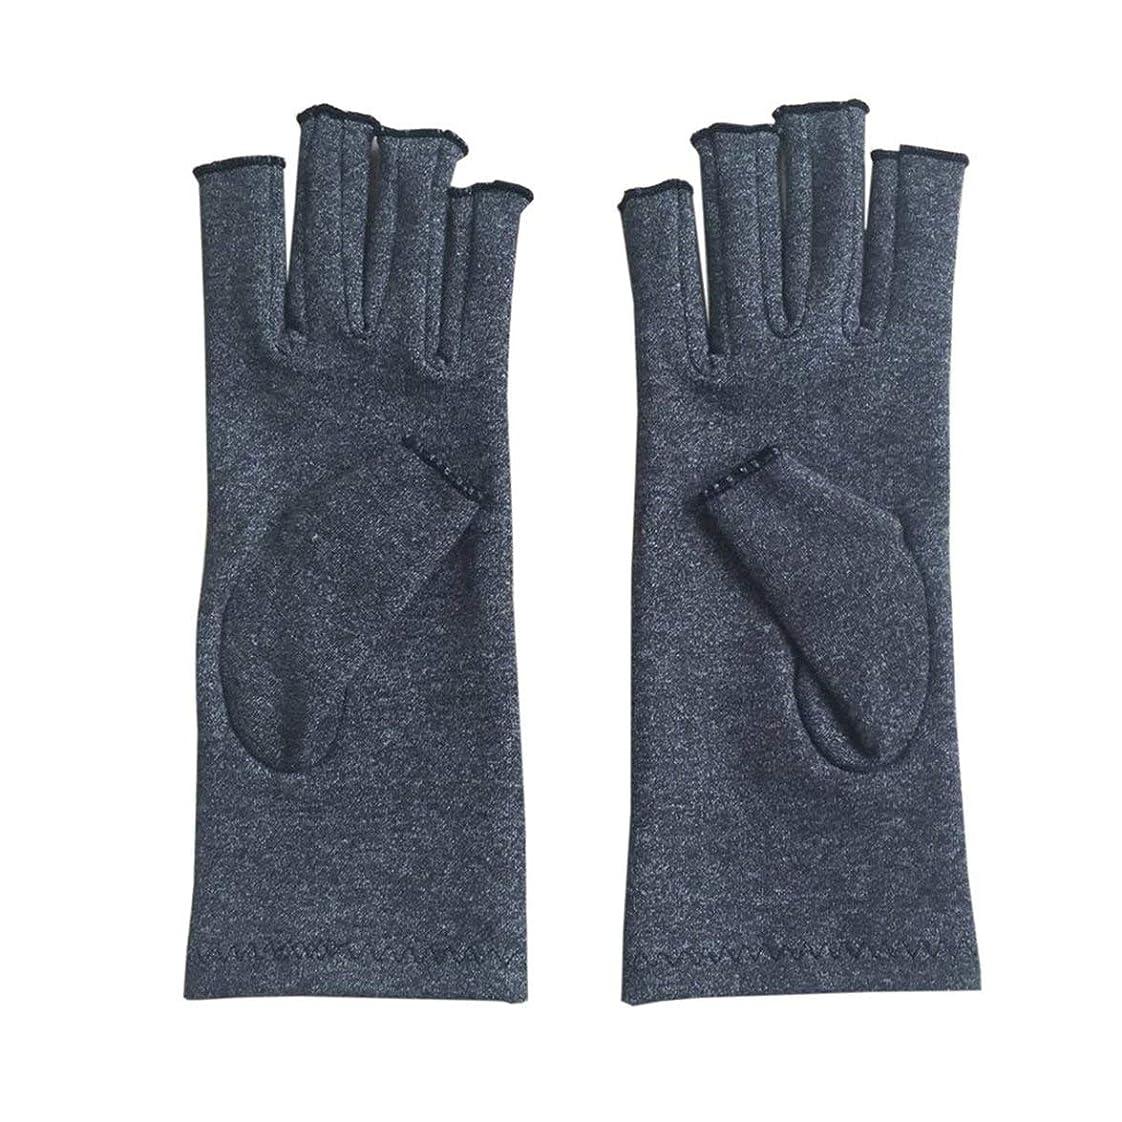 芽定義する引き渡すAペア/セット快適な男性用女性療法圧縮手袋無地通気性関節炎関節痛緩和手袋 - グレー